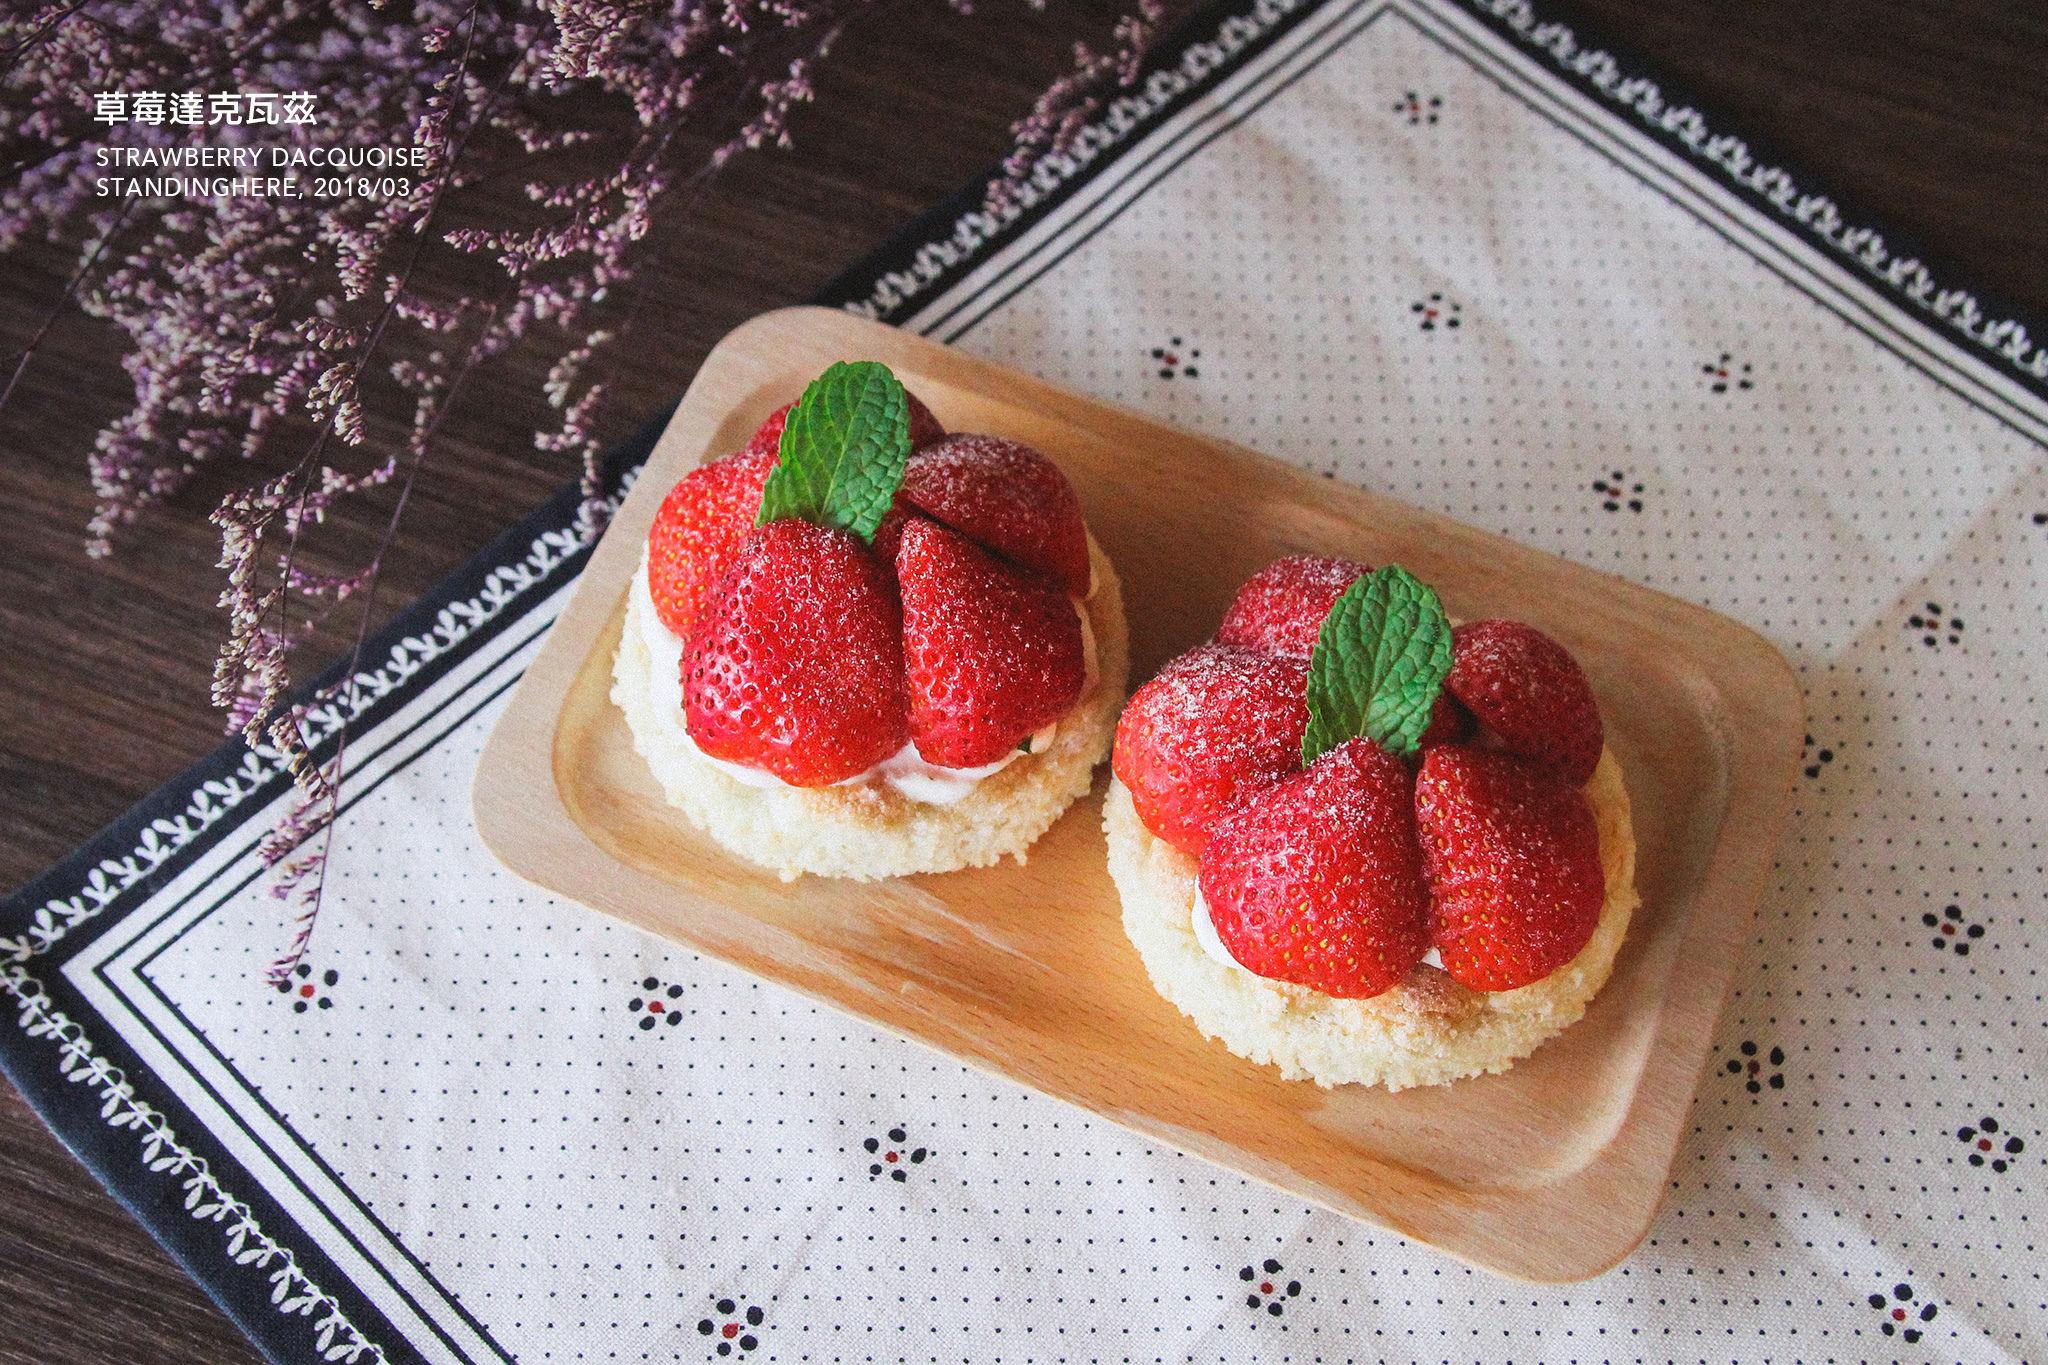 7號驛站X在這手作甜點-草莓達克瓦茲